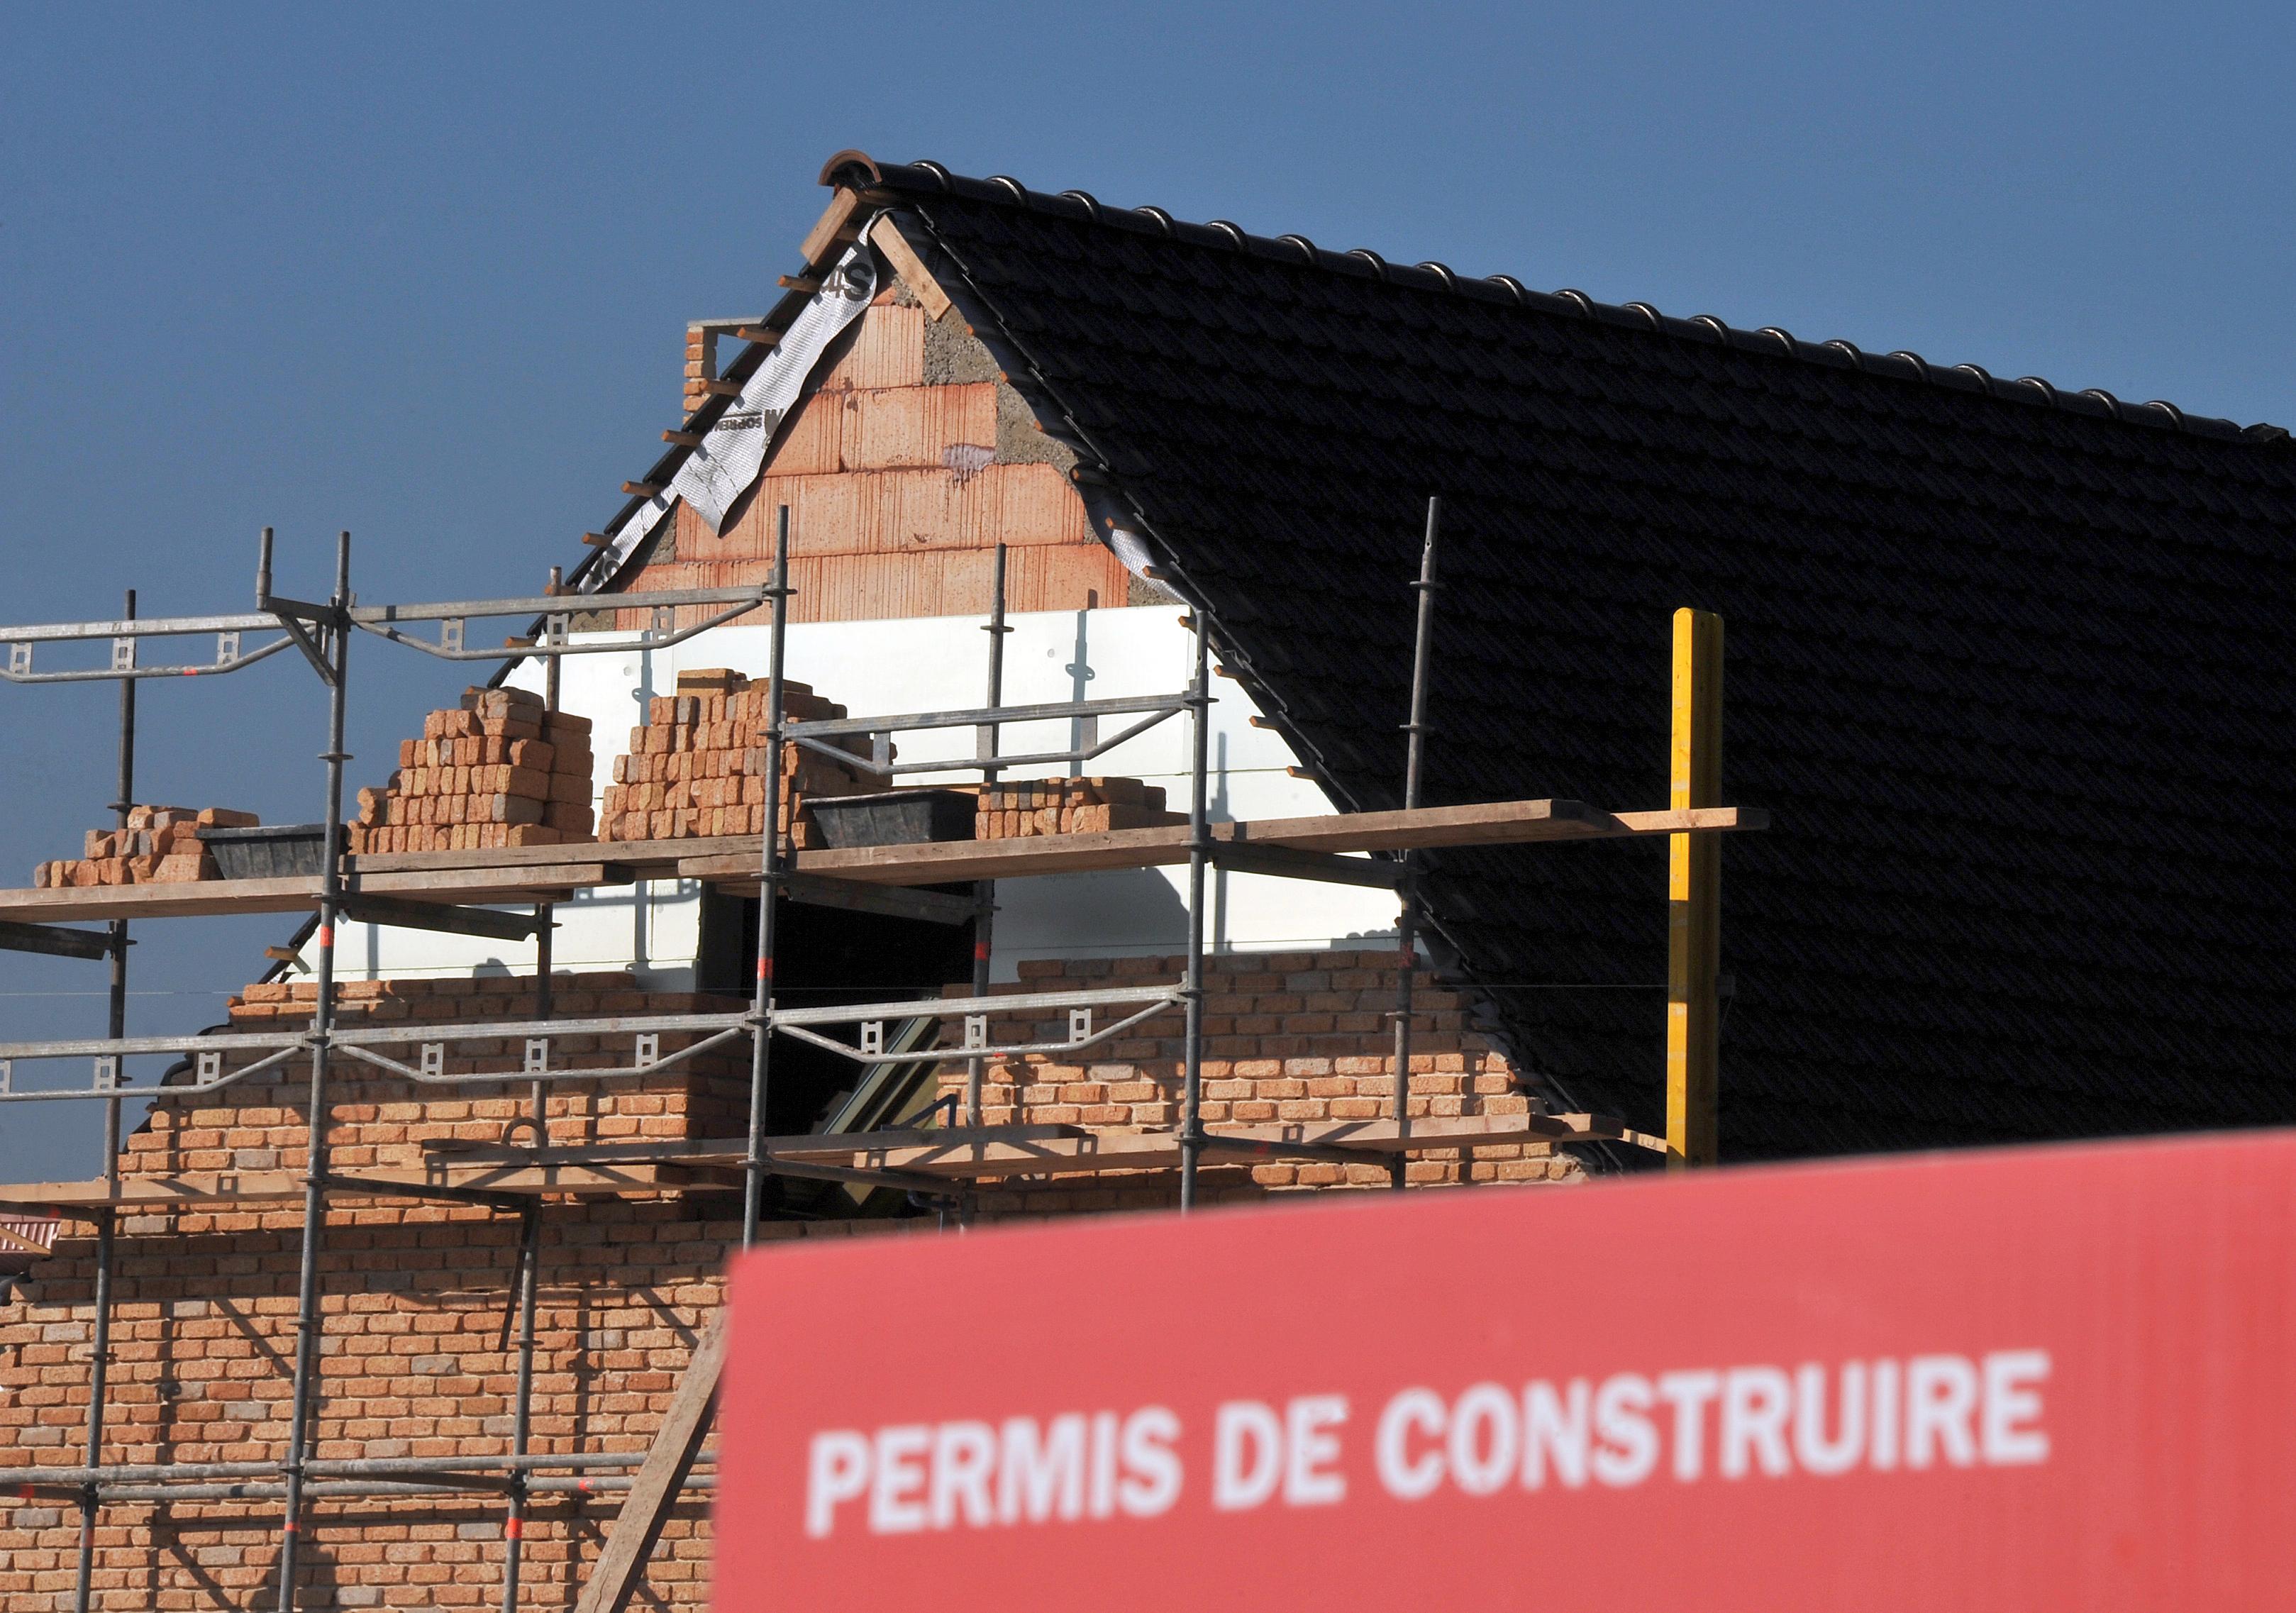 Condamnée à raser sa maison qui fait de l'ombre aux voisins — Meurthe-et-Moselle